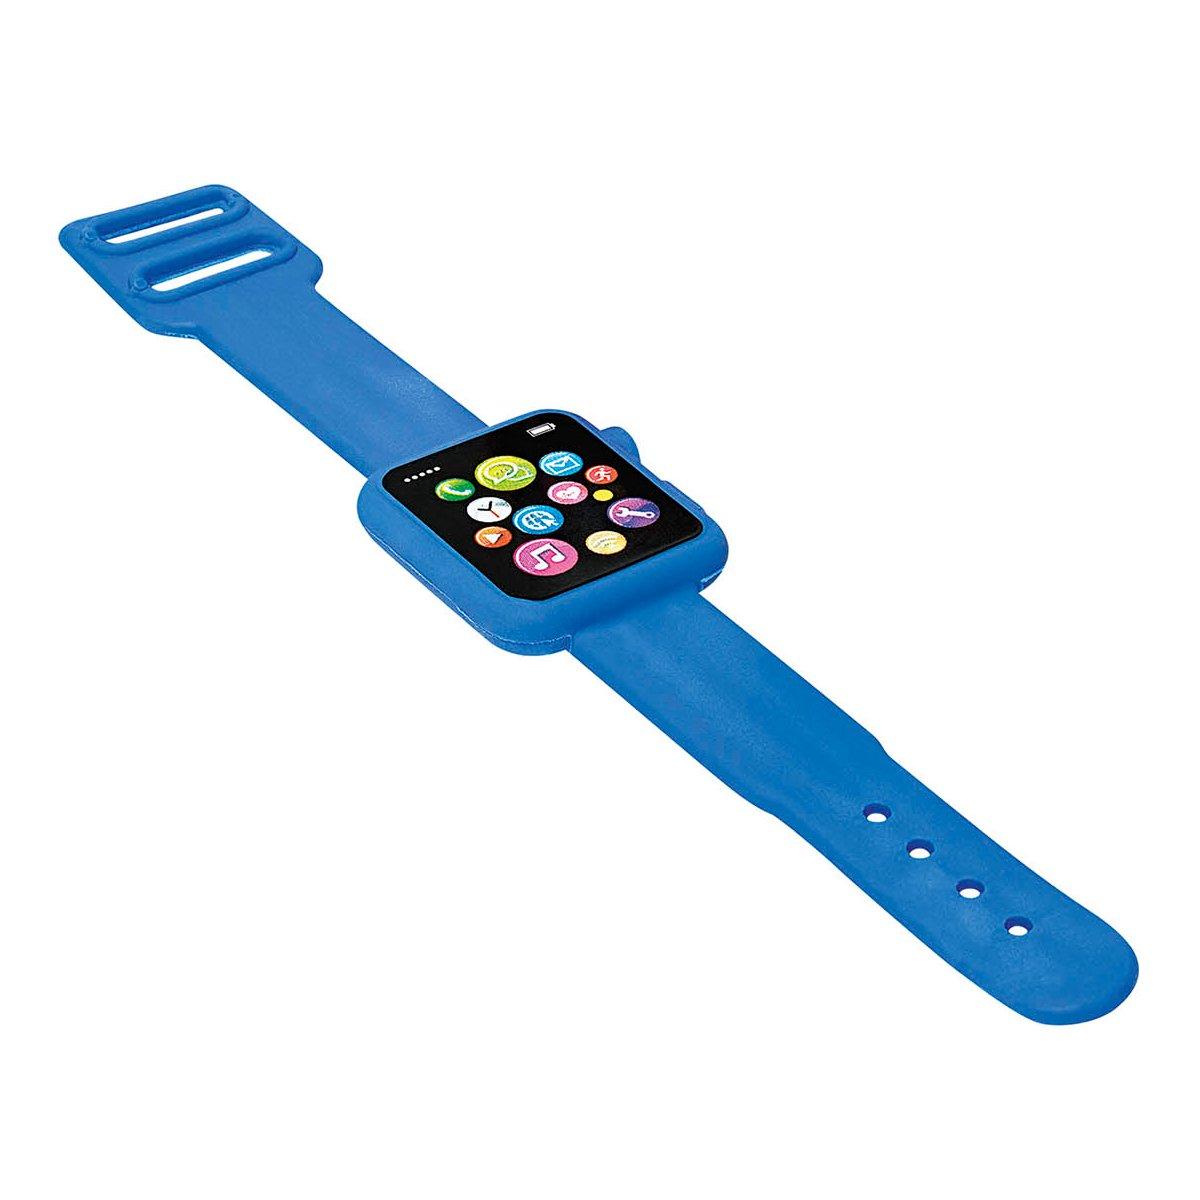 Wedo 0599309909 Gomma Smartwatch, Rosa Werner Dorsch GmbH